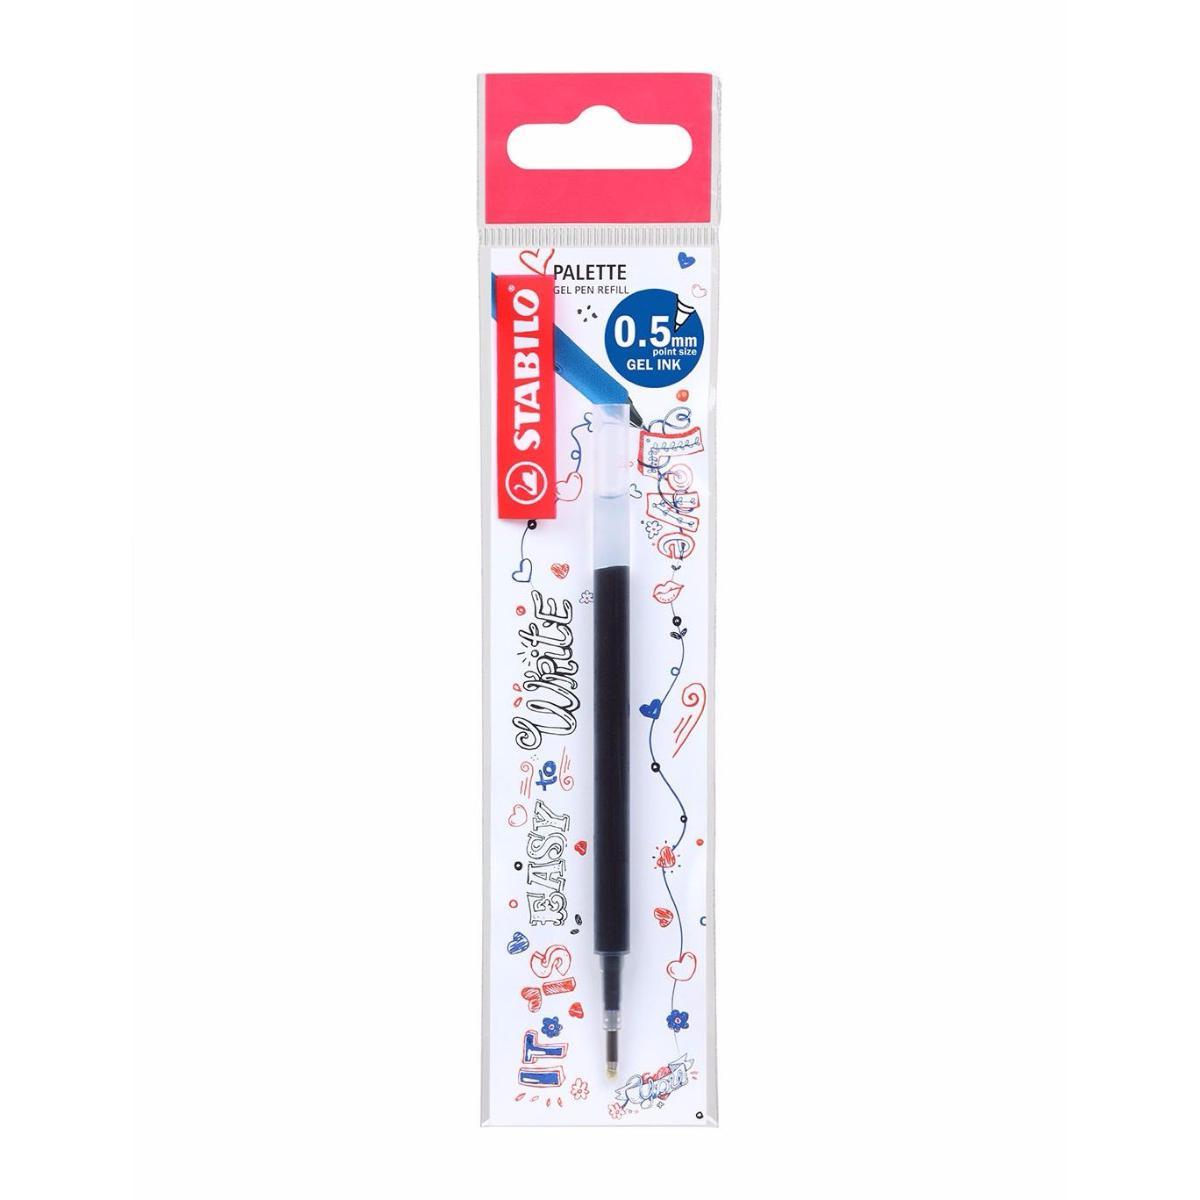 STABILO Palette Gel Pen Ink Refill X Fine 0.5mm